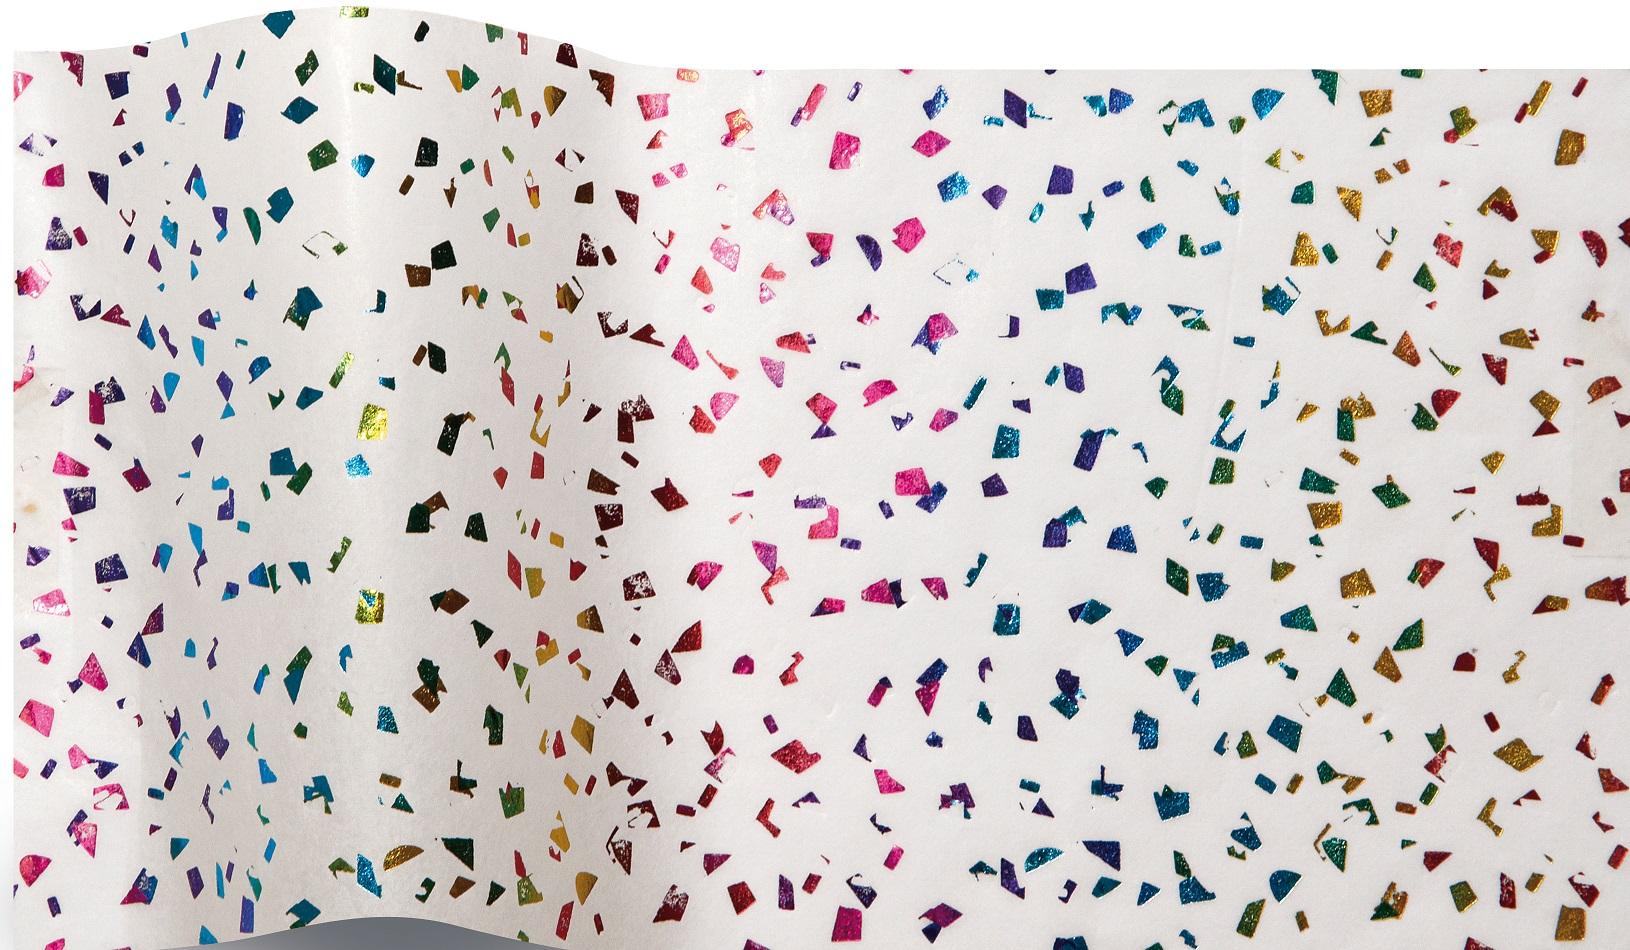 Arc-en-ciel - 5 feuilles de papier de soie avec incrustations